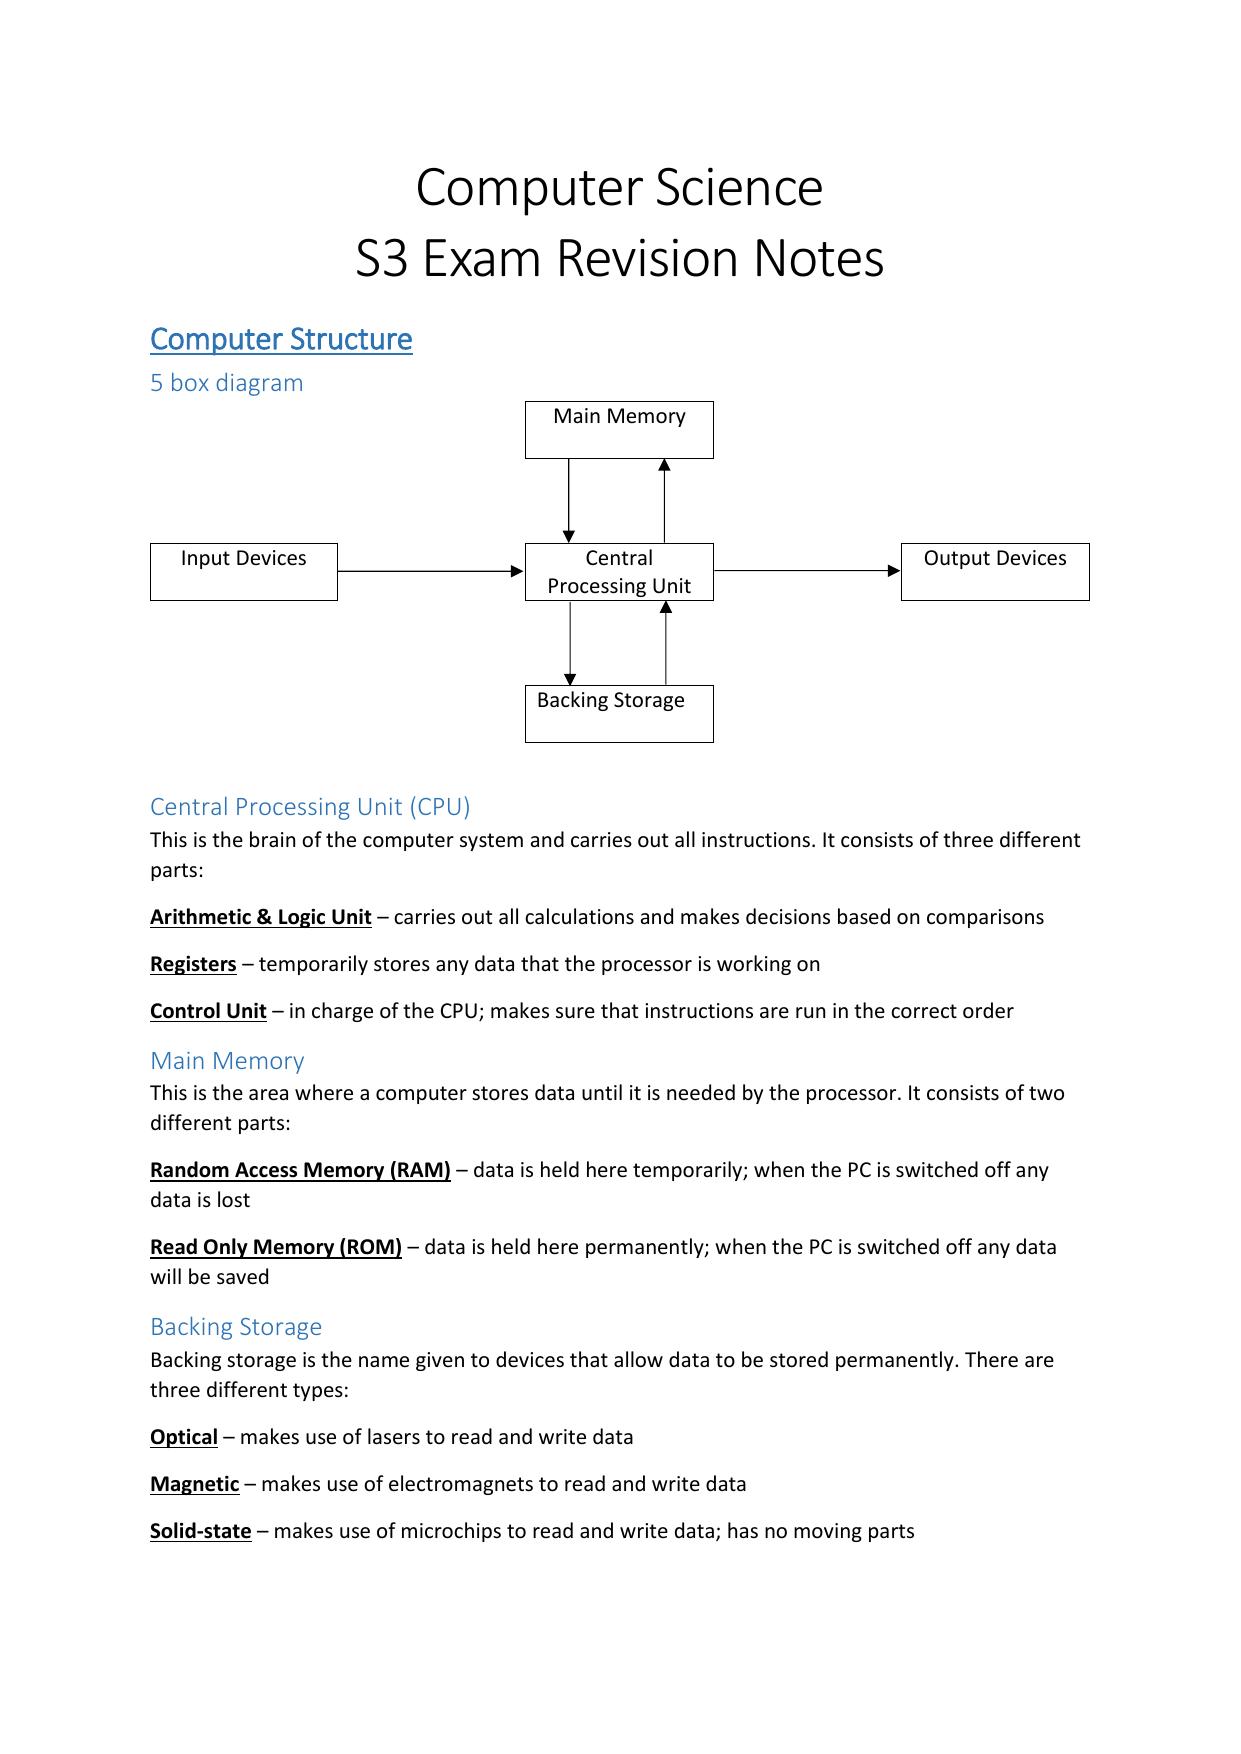 Computer Science S3 Exam Revision Notes | manualzz com